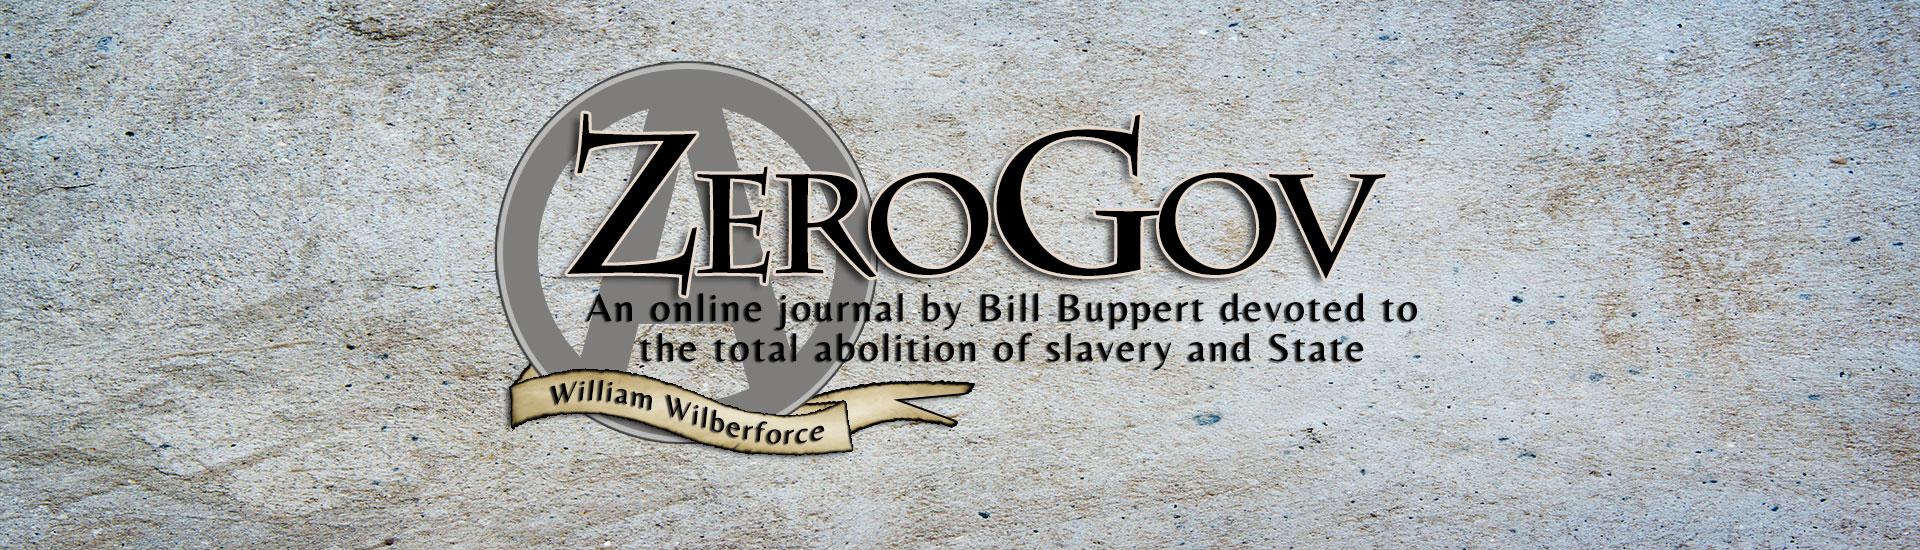 https://zerogov.com/wp-content/uploads/2018/07/Logo.jpg